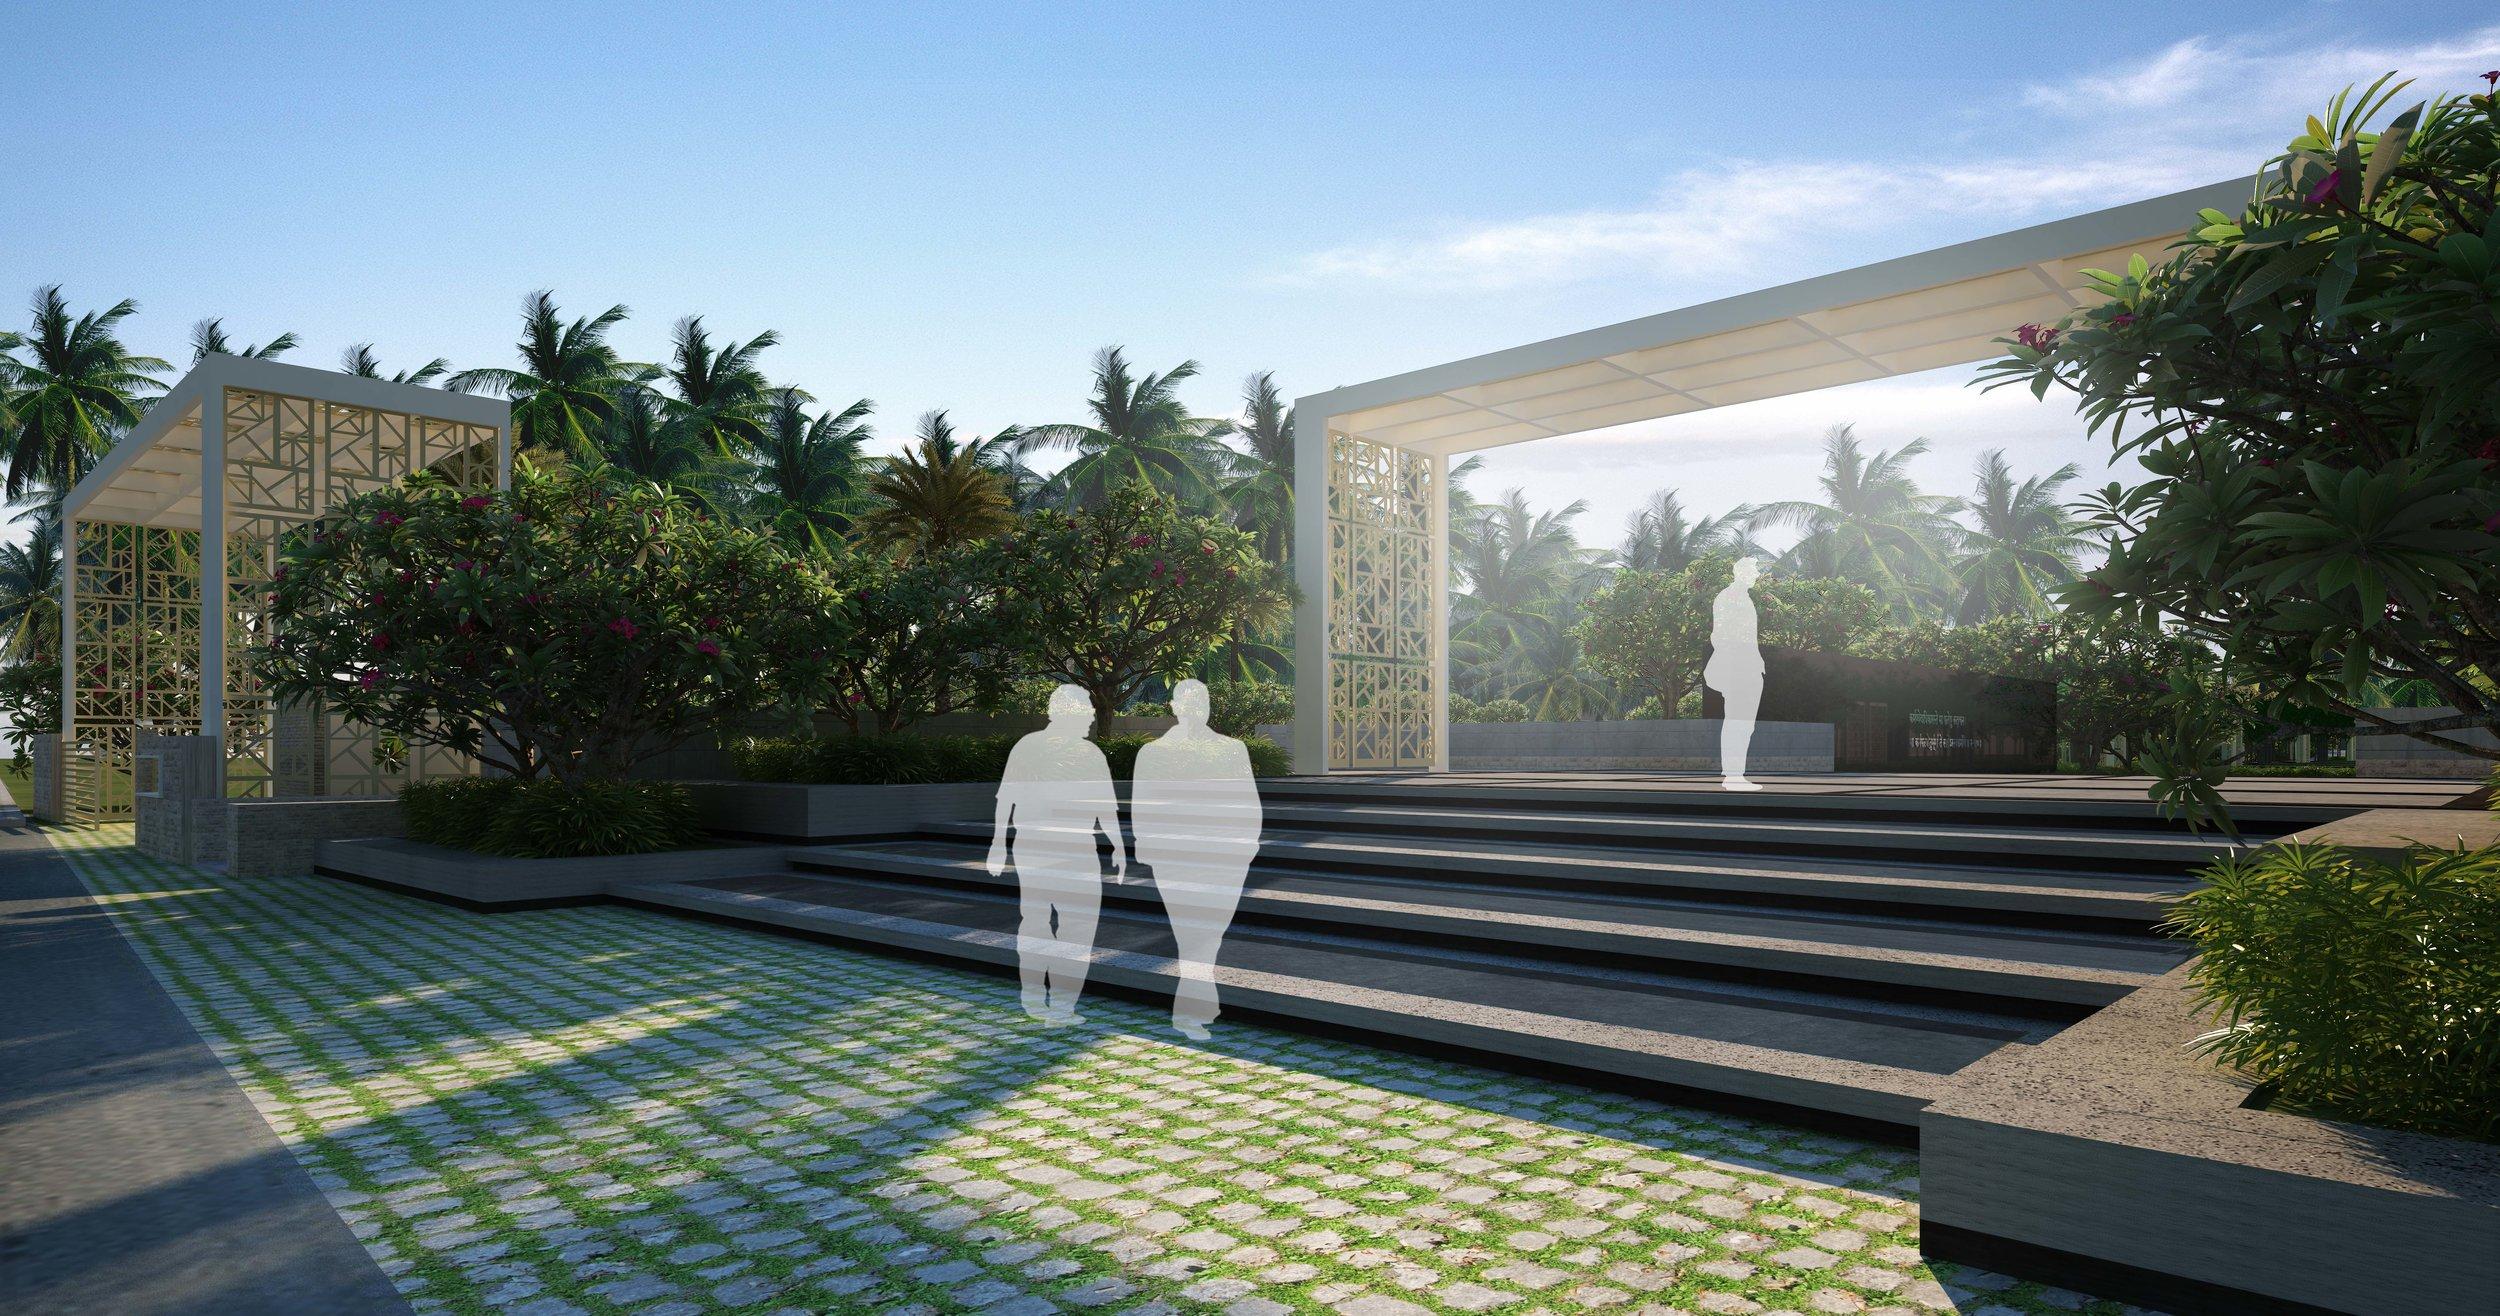 Ficus-landscape-bangalore-urban park-public-MH-04